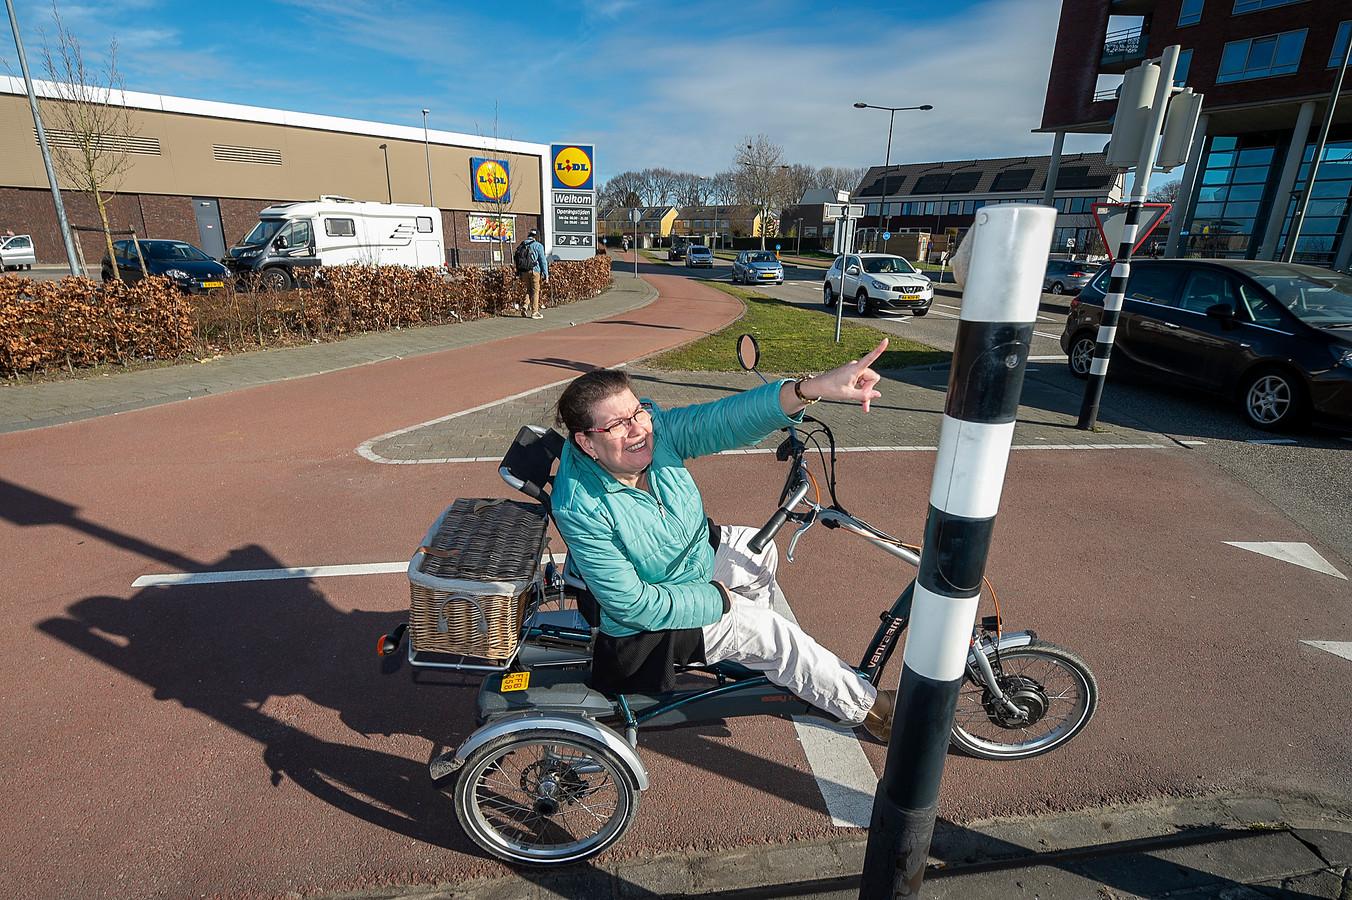 Renata is invalide en kan niet oversteken omdat ze niet bij het knopje van het verkeerslicht kan ter hoogte van de Lidl.